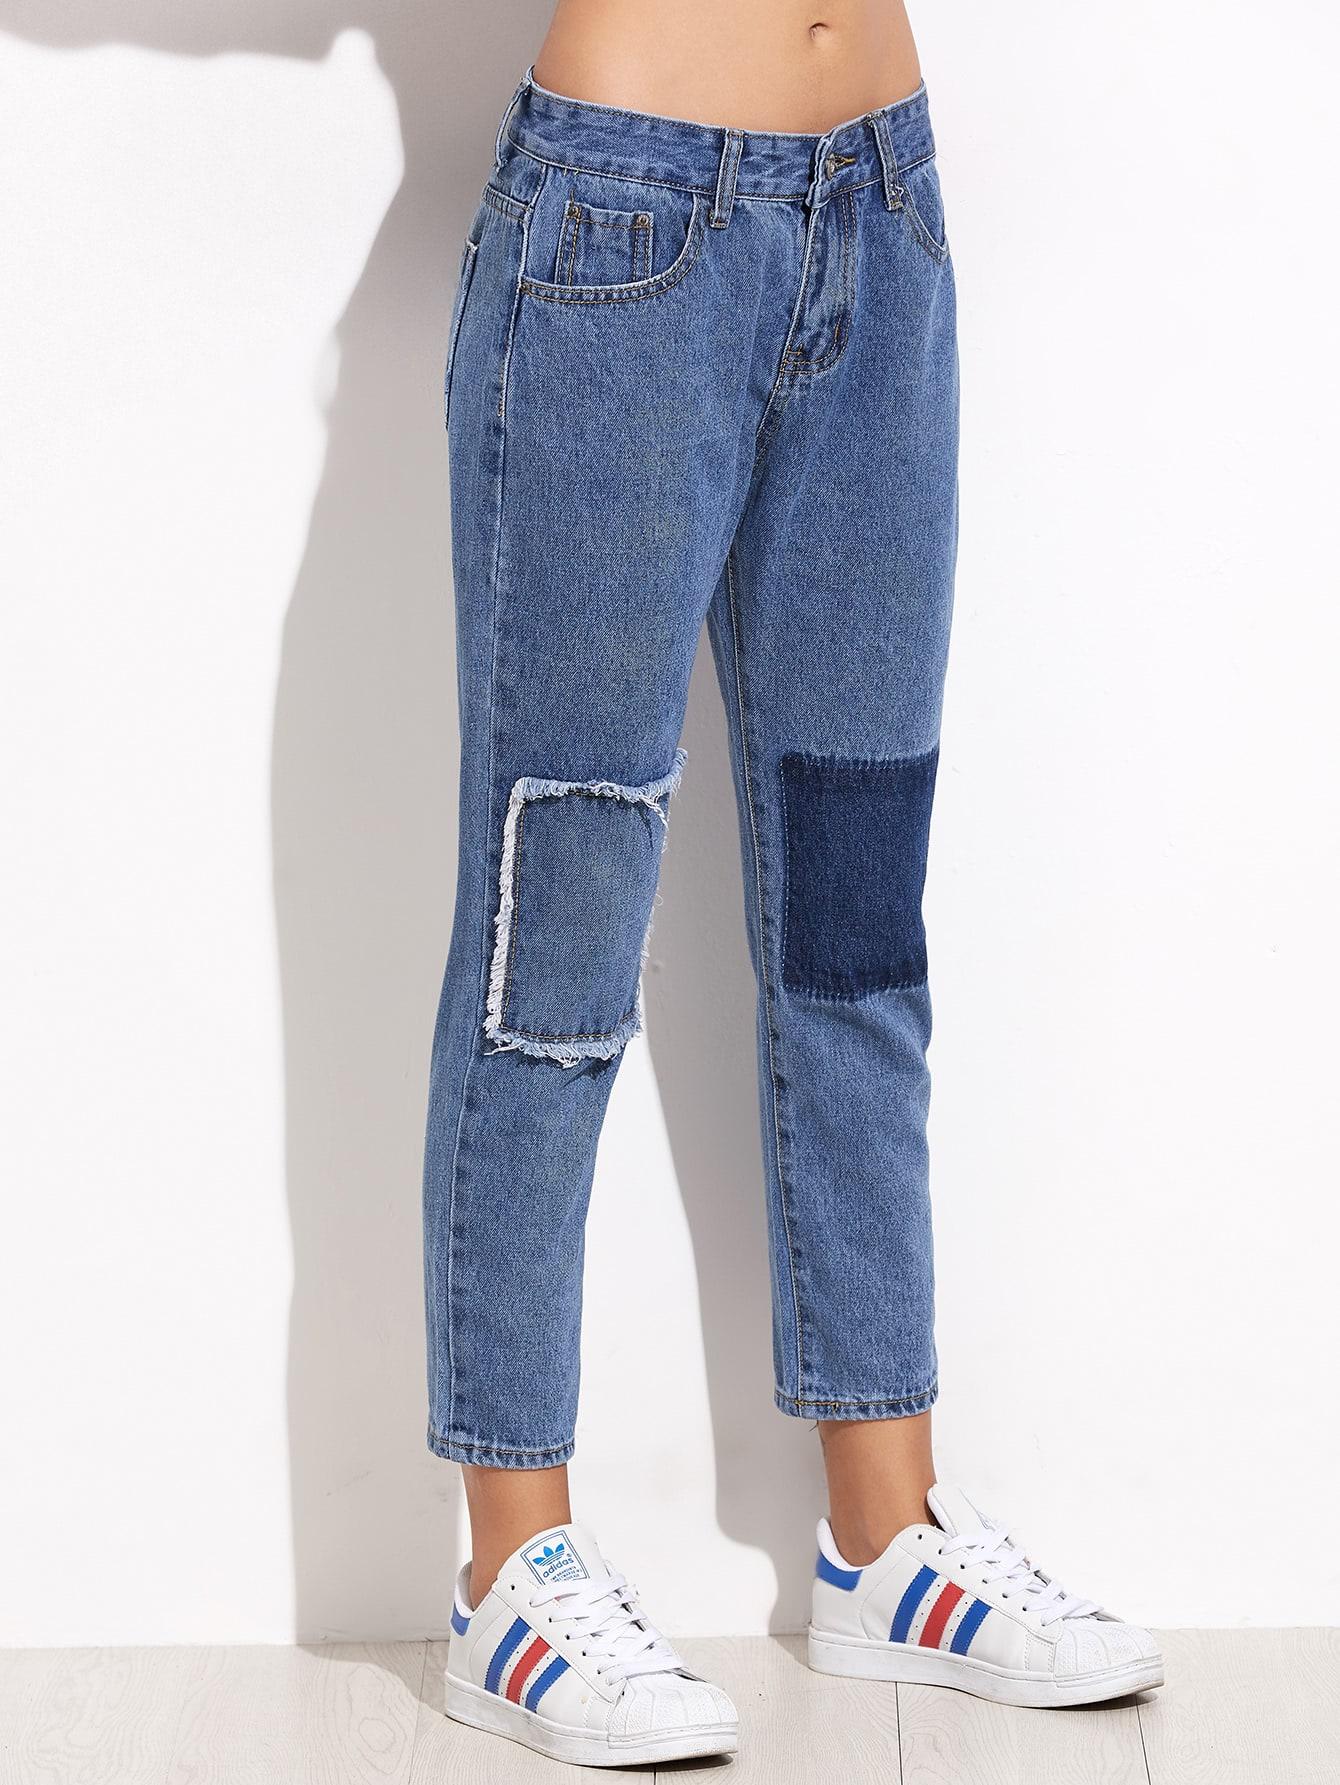 pants160824123_2